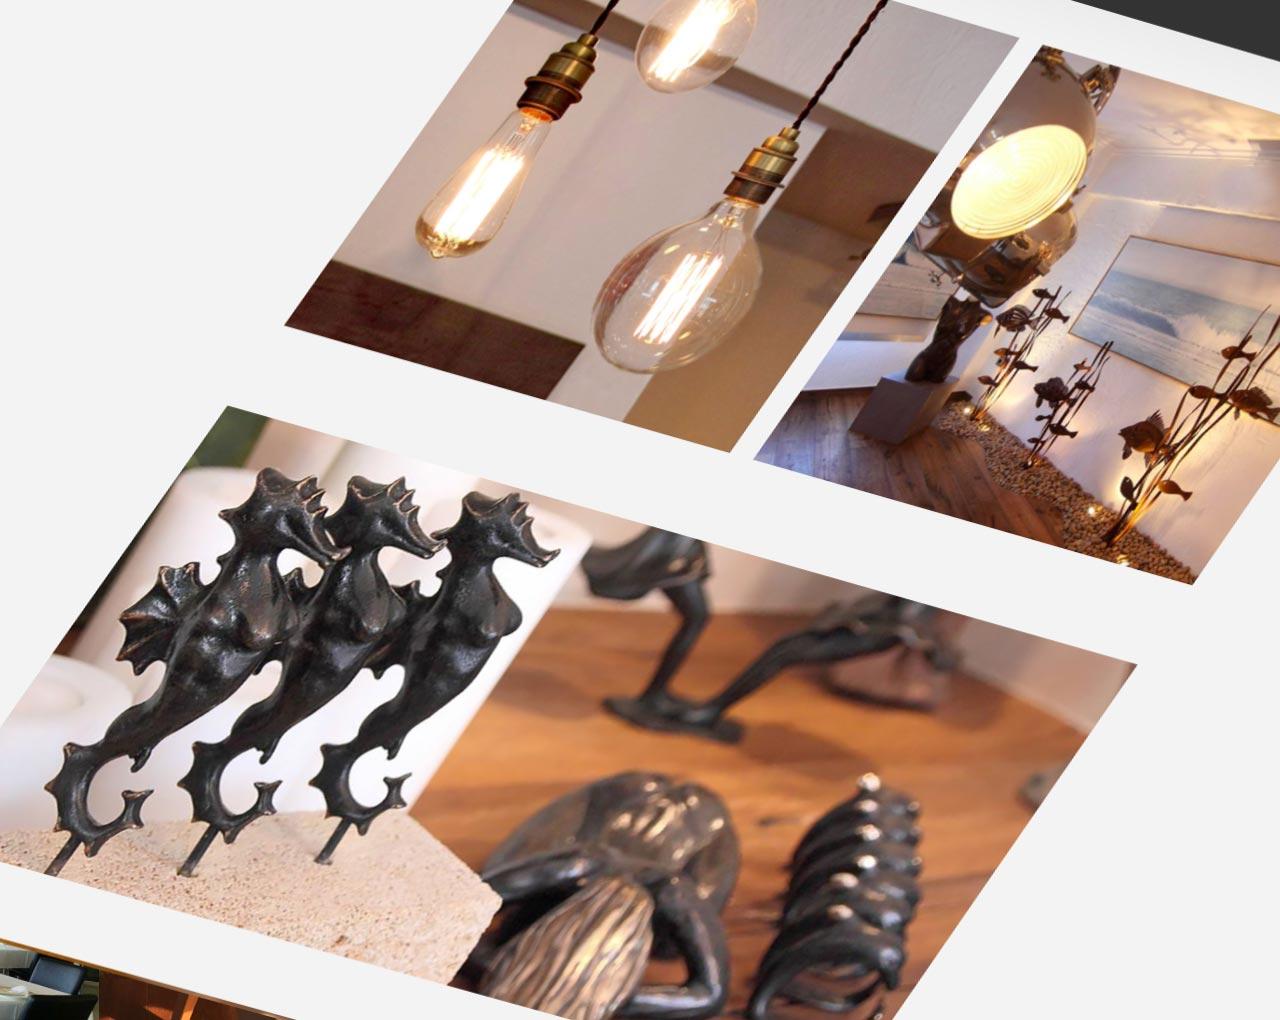 estudio de diseño grafico y web en murcia, art9 gallery en moraira